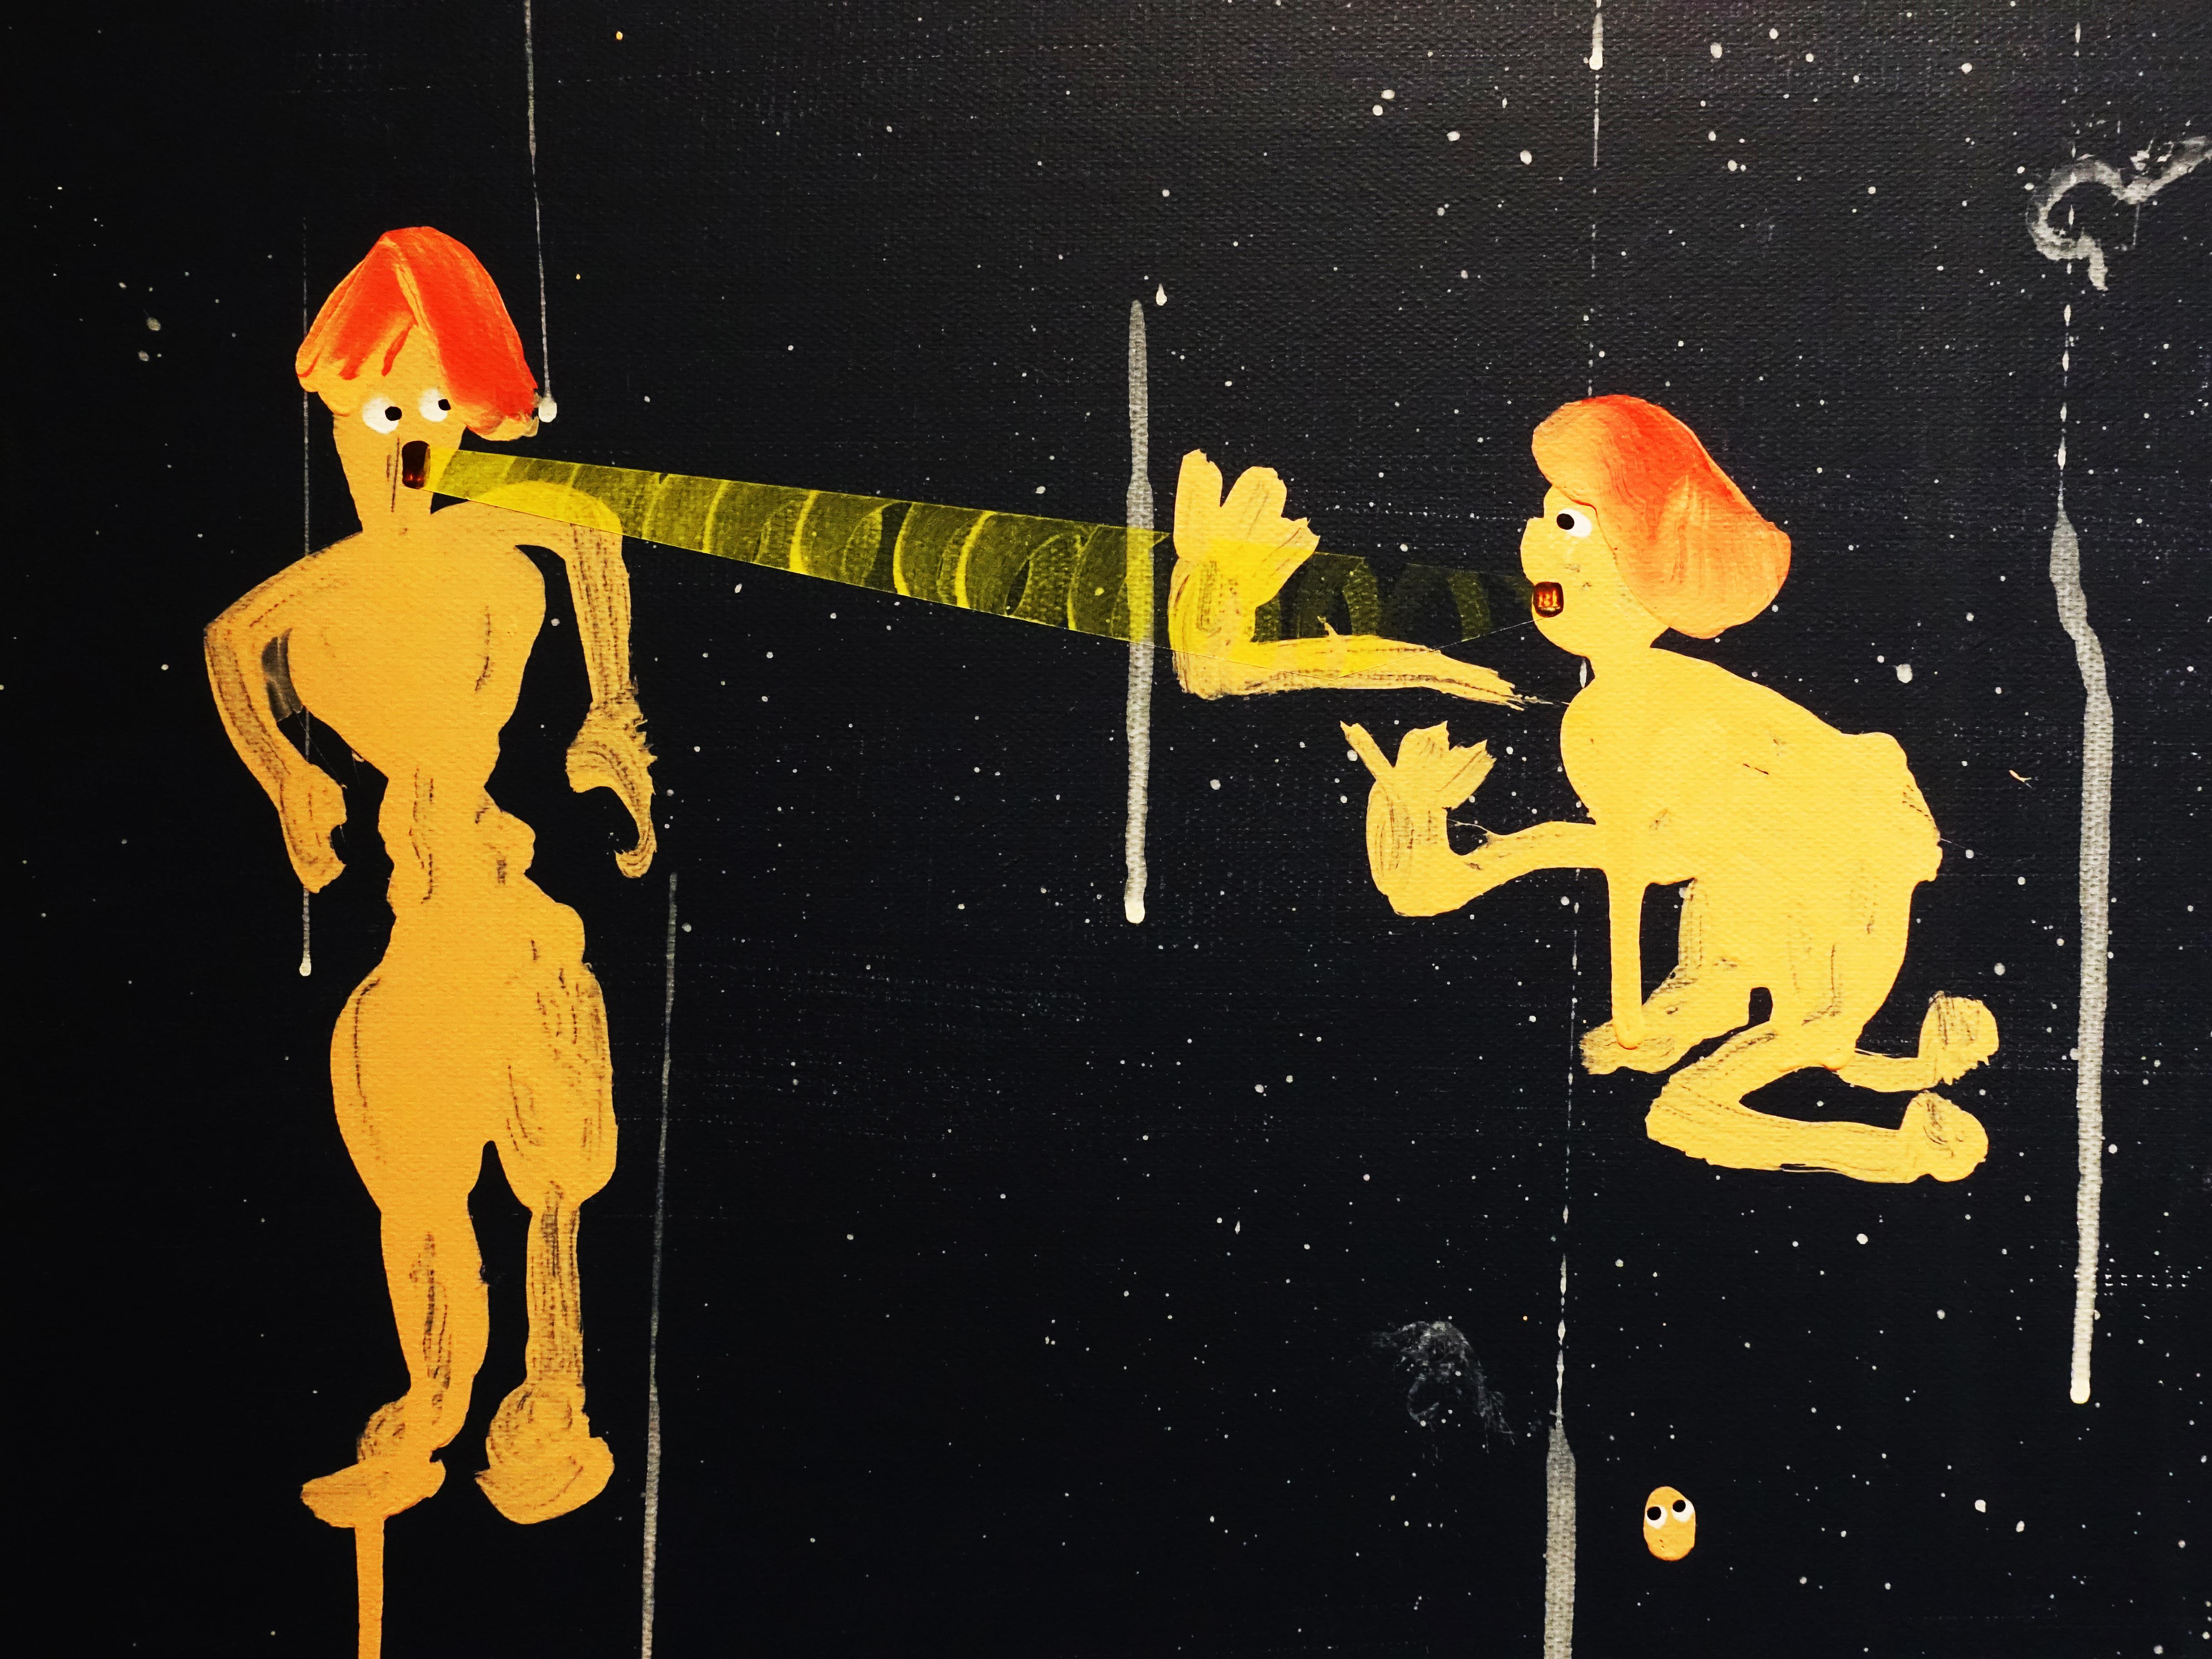 蕭筑方,《你如果真的在乎我》細節,162 x 130cm,壓克力顏料、畫布,2019。